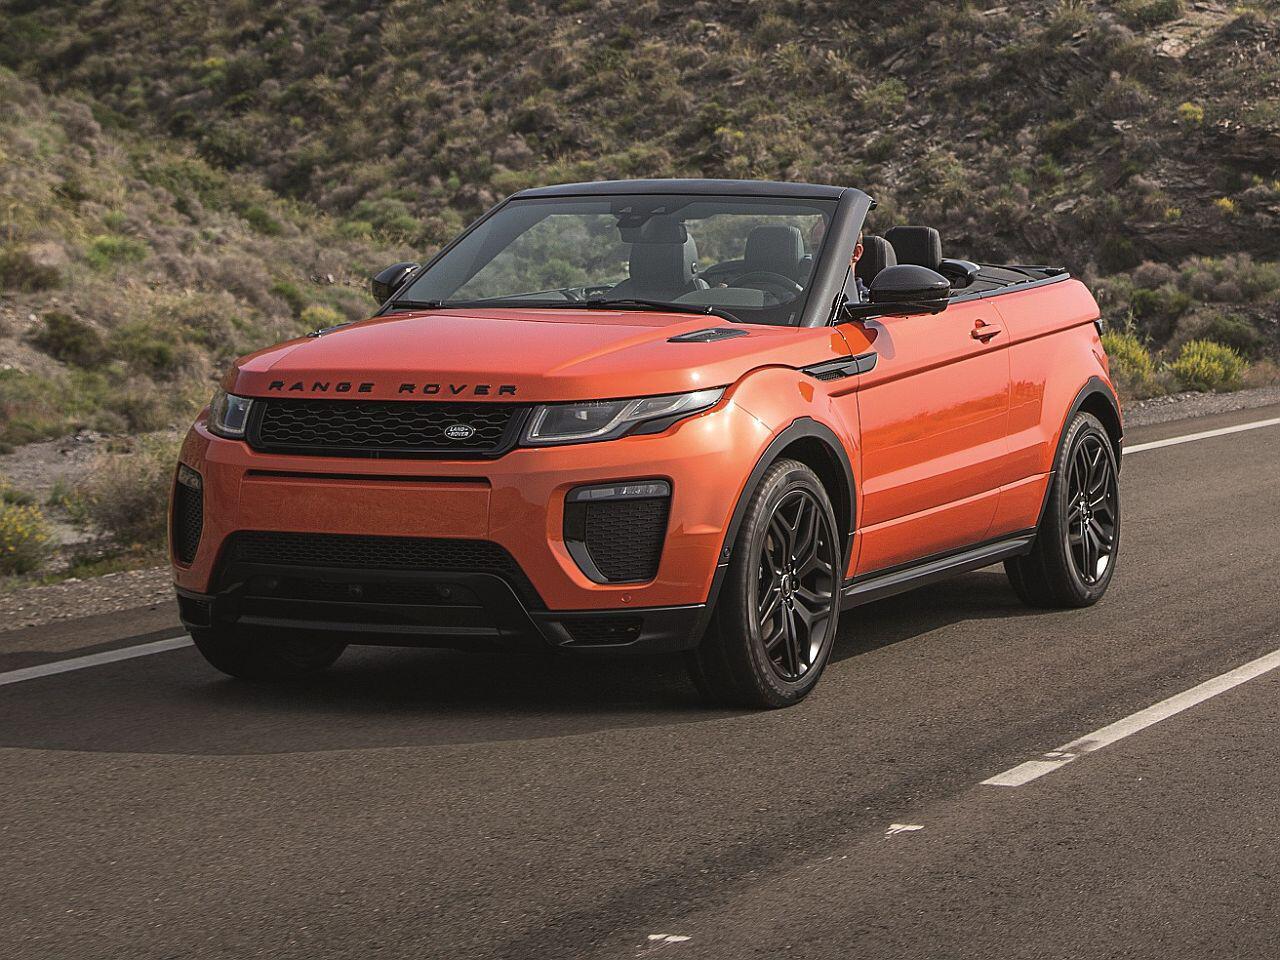 Bild zu Range Rover Evoque Cabriolet